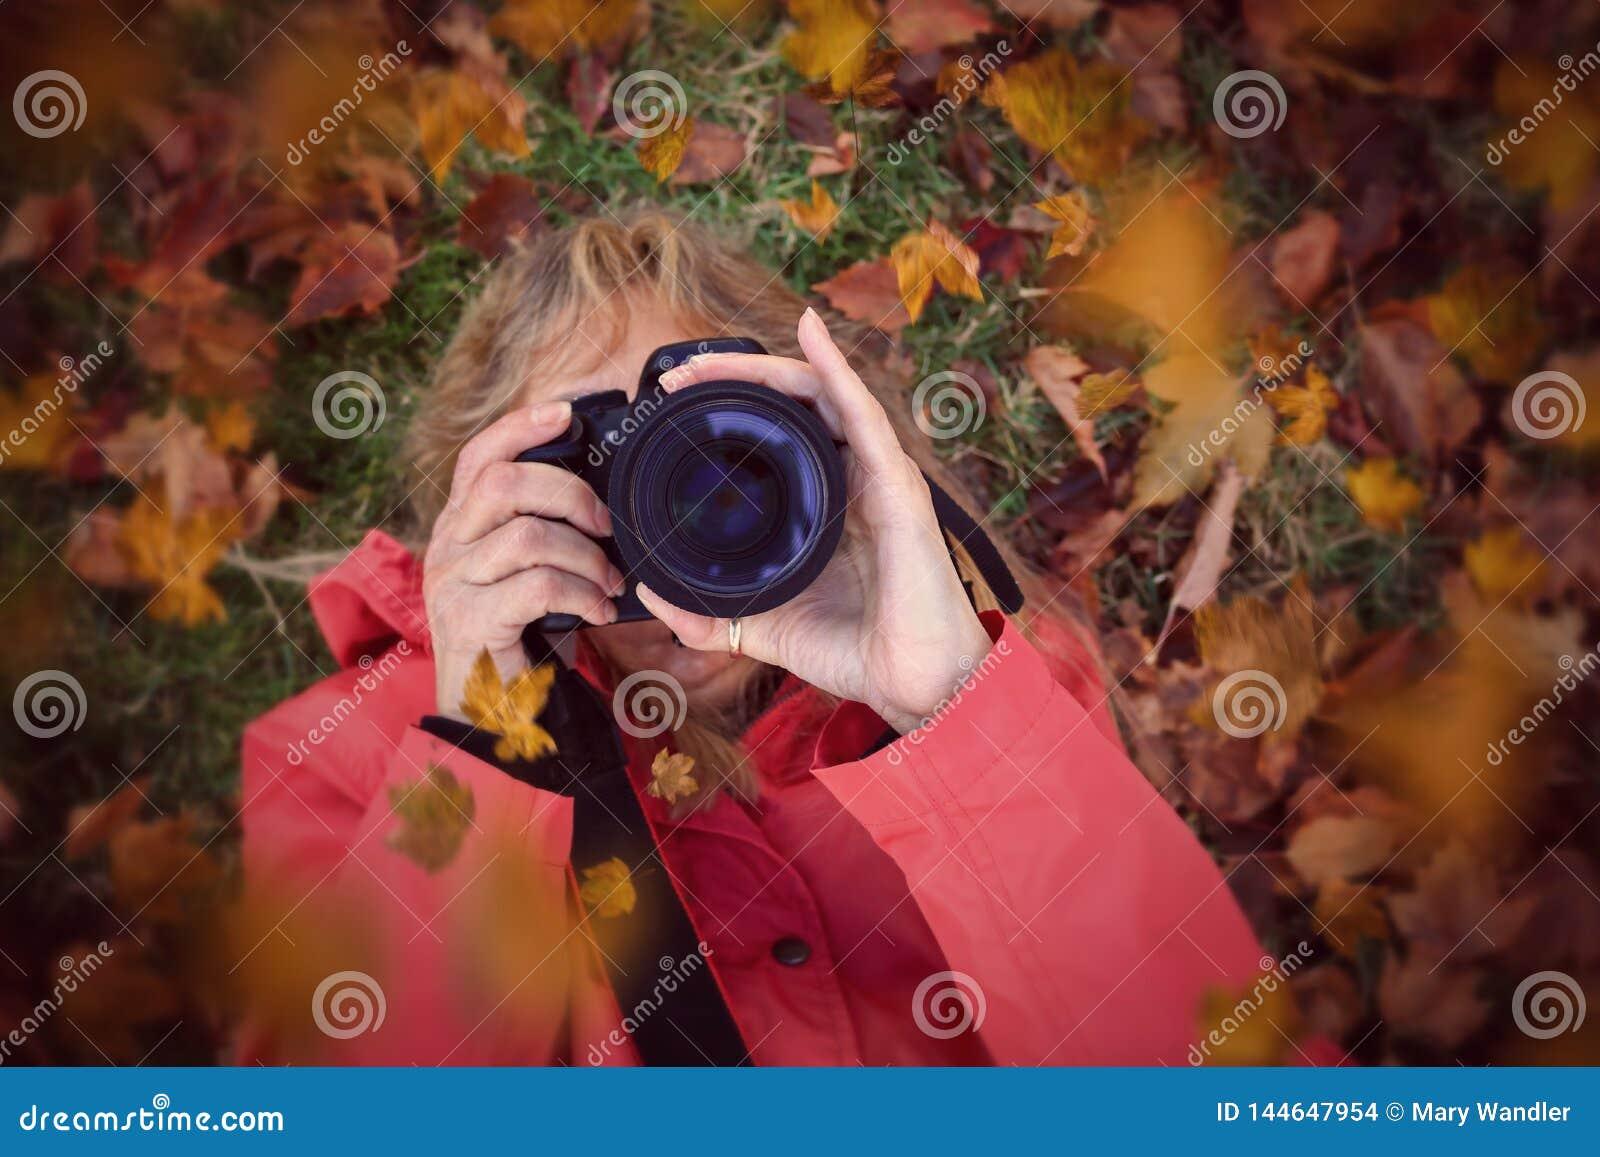 Femme focalisant une caméra s étendant dans des feuilles d automne